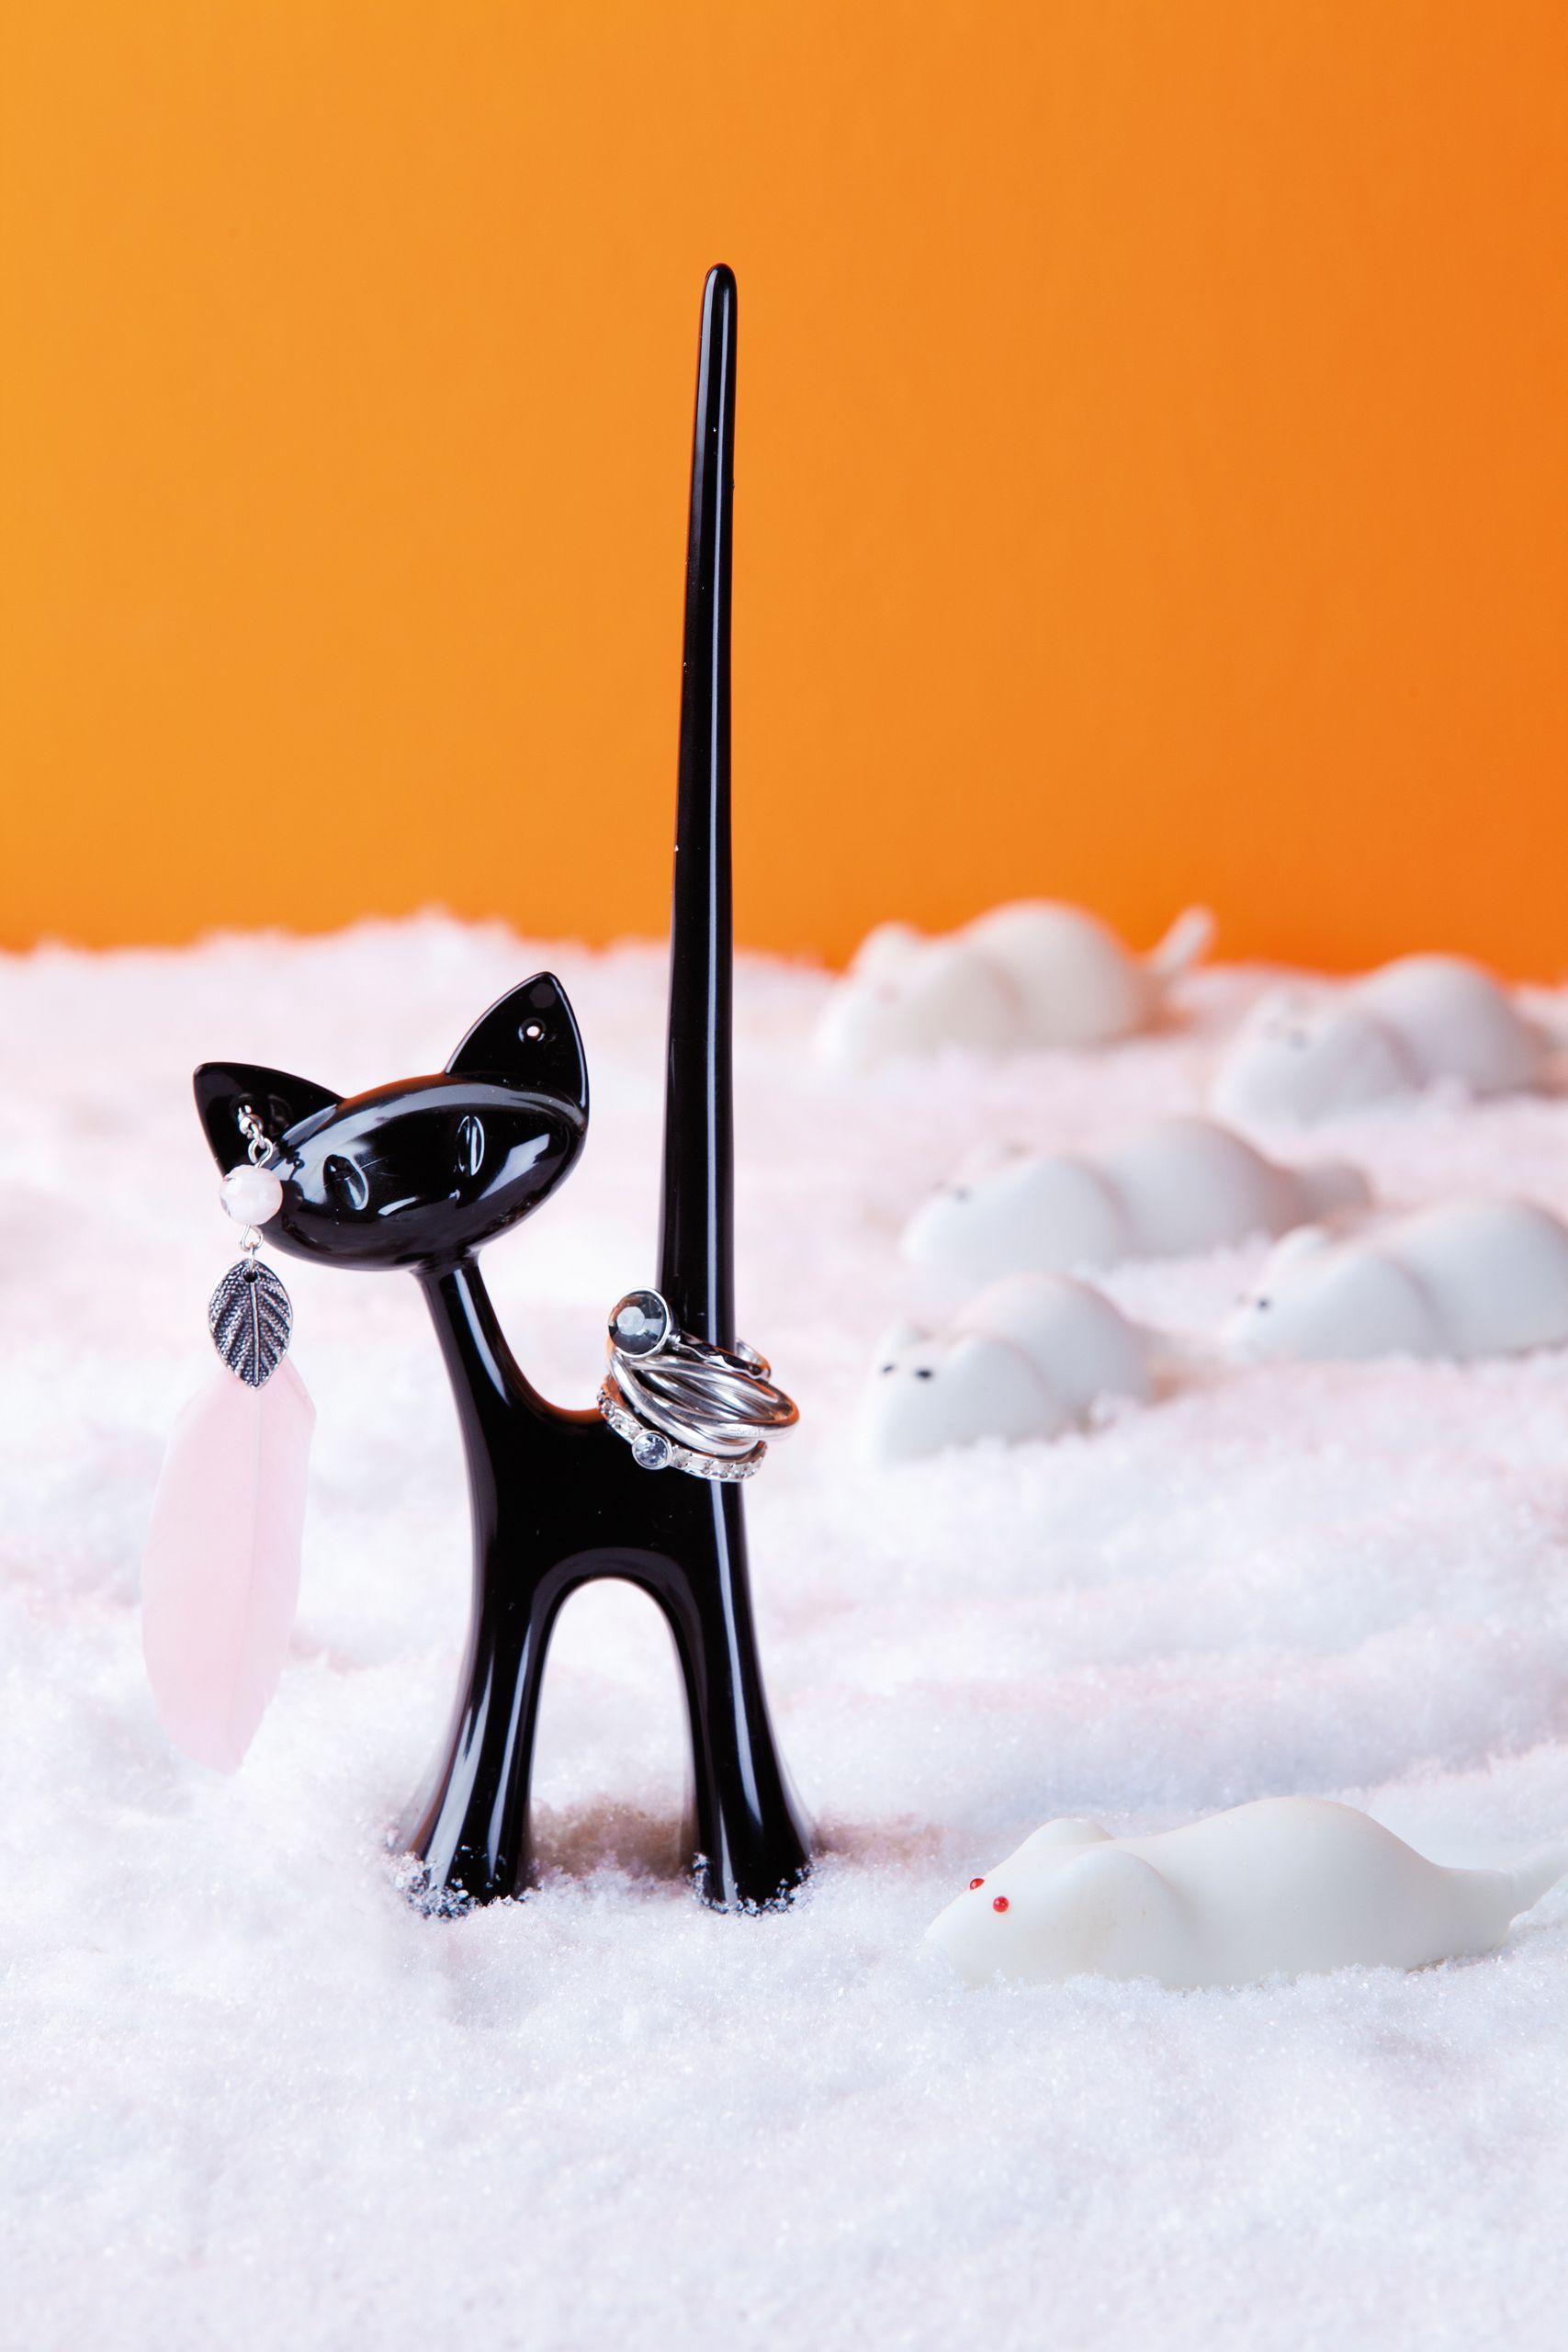 """""""What's New, Pussycat?"""" – diese Frage beantwortet #Koziol-#Katze MIAOU mit dekorativ dargebotener Funktionalität: Ihr Schwanz nimmt eine komplette Fingerring-Sammlung auf! Und an ihrem Kopf lässt sich das Paar Lieblings-Ohrringe sicher und stets wiederfindbar einstecken. Ganz wie das natürliche Vorbild wirft #Ringhalter MIAOU so schnell nichts um – durch den großen Abstand der Pfoten steht sie auch bei maximaler Auslastung überaus kippsicher."""